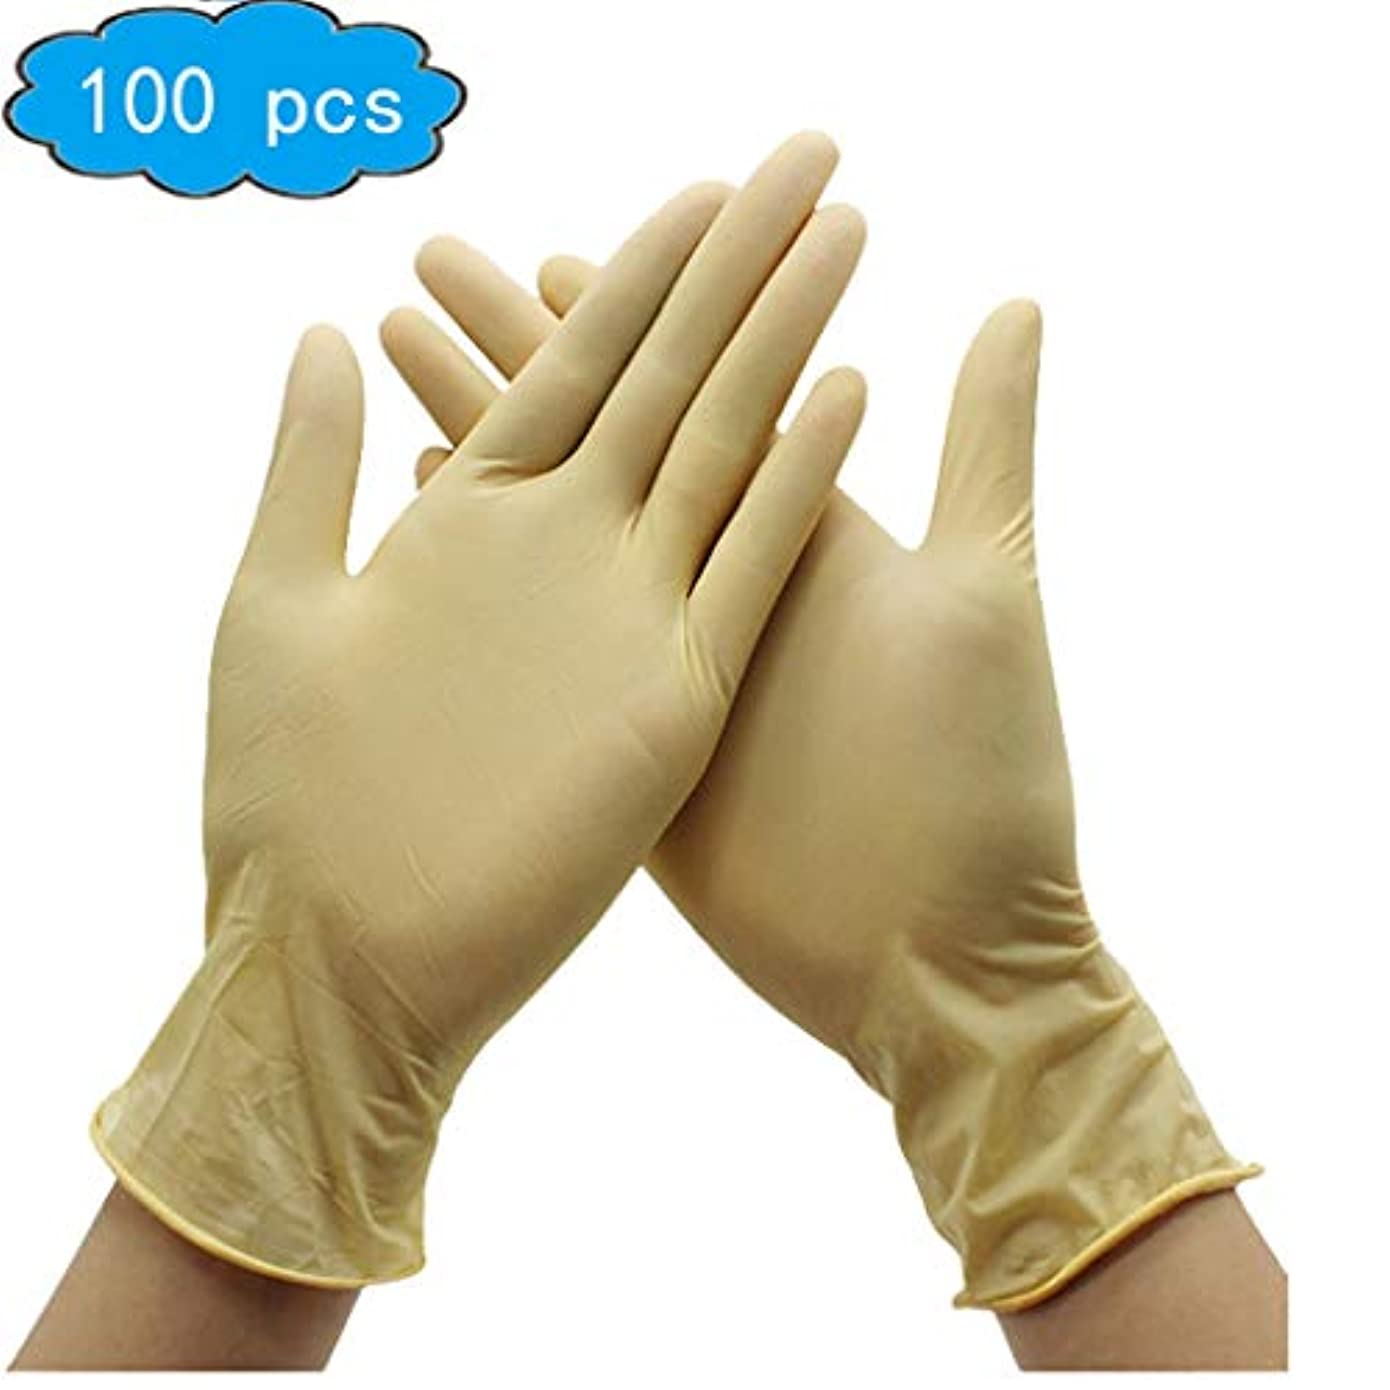 苦難ポップ予想外ラテックス手袋、試験/食品グレードの安全製品、使い捨て手袋および手袋Dispensers 100psc、衛生手袋、健康、家庭用ベビーケア (Color : Beige, Size : L)